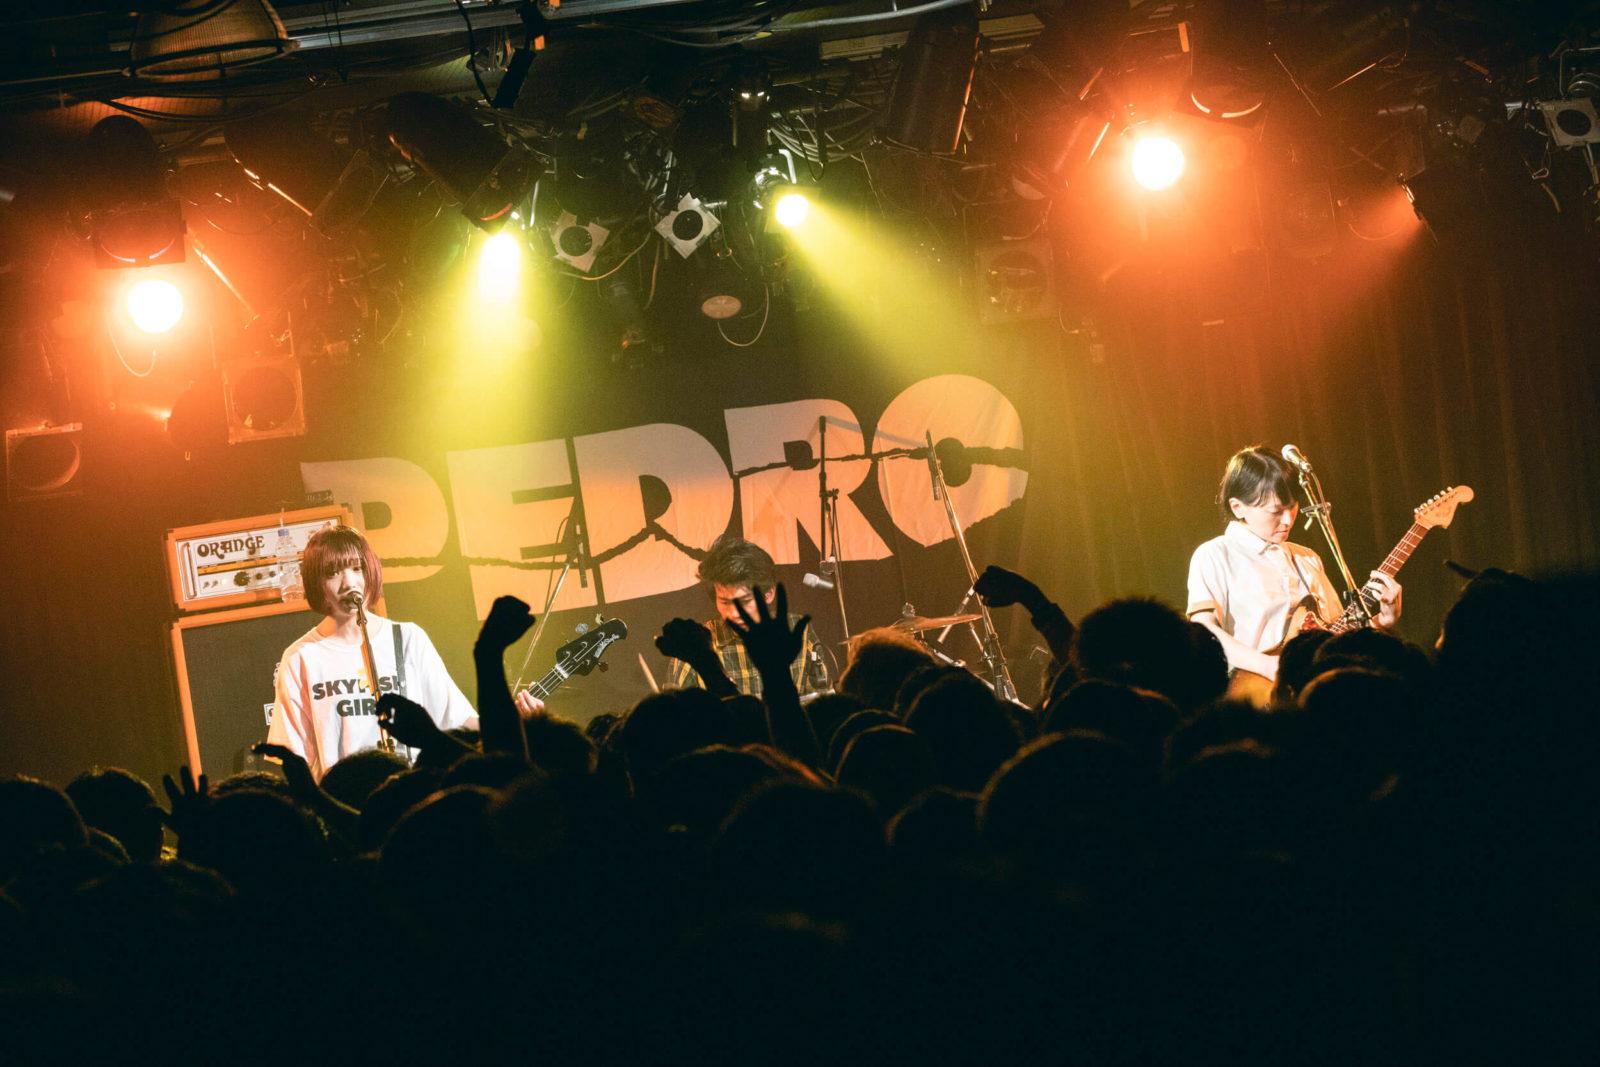 BiSHのアユニ・Dによるソロバンドプロジェクト「PEDRO」自身初となる全国ツアースタートサムネイル画像!